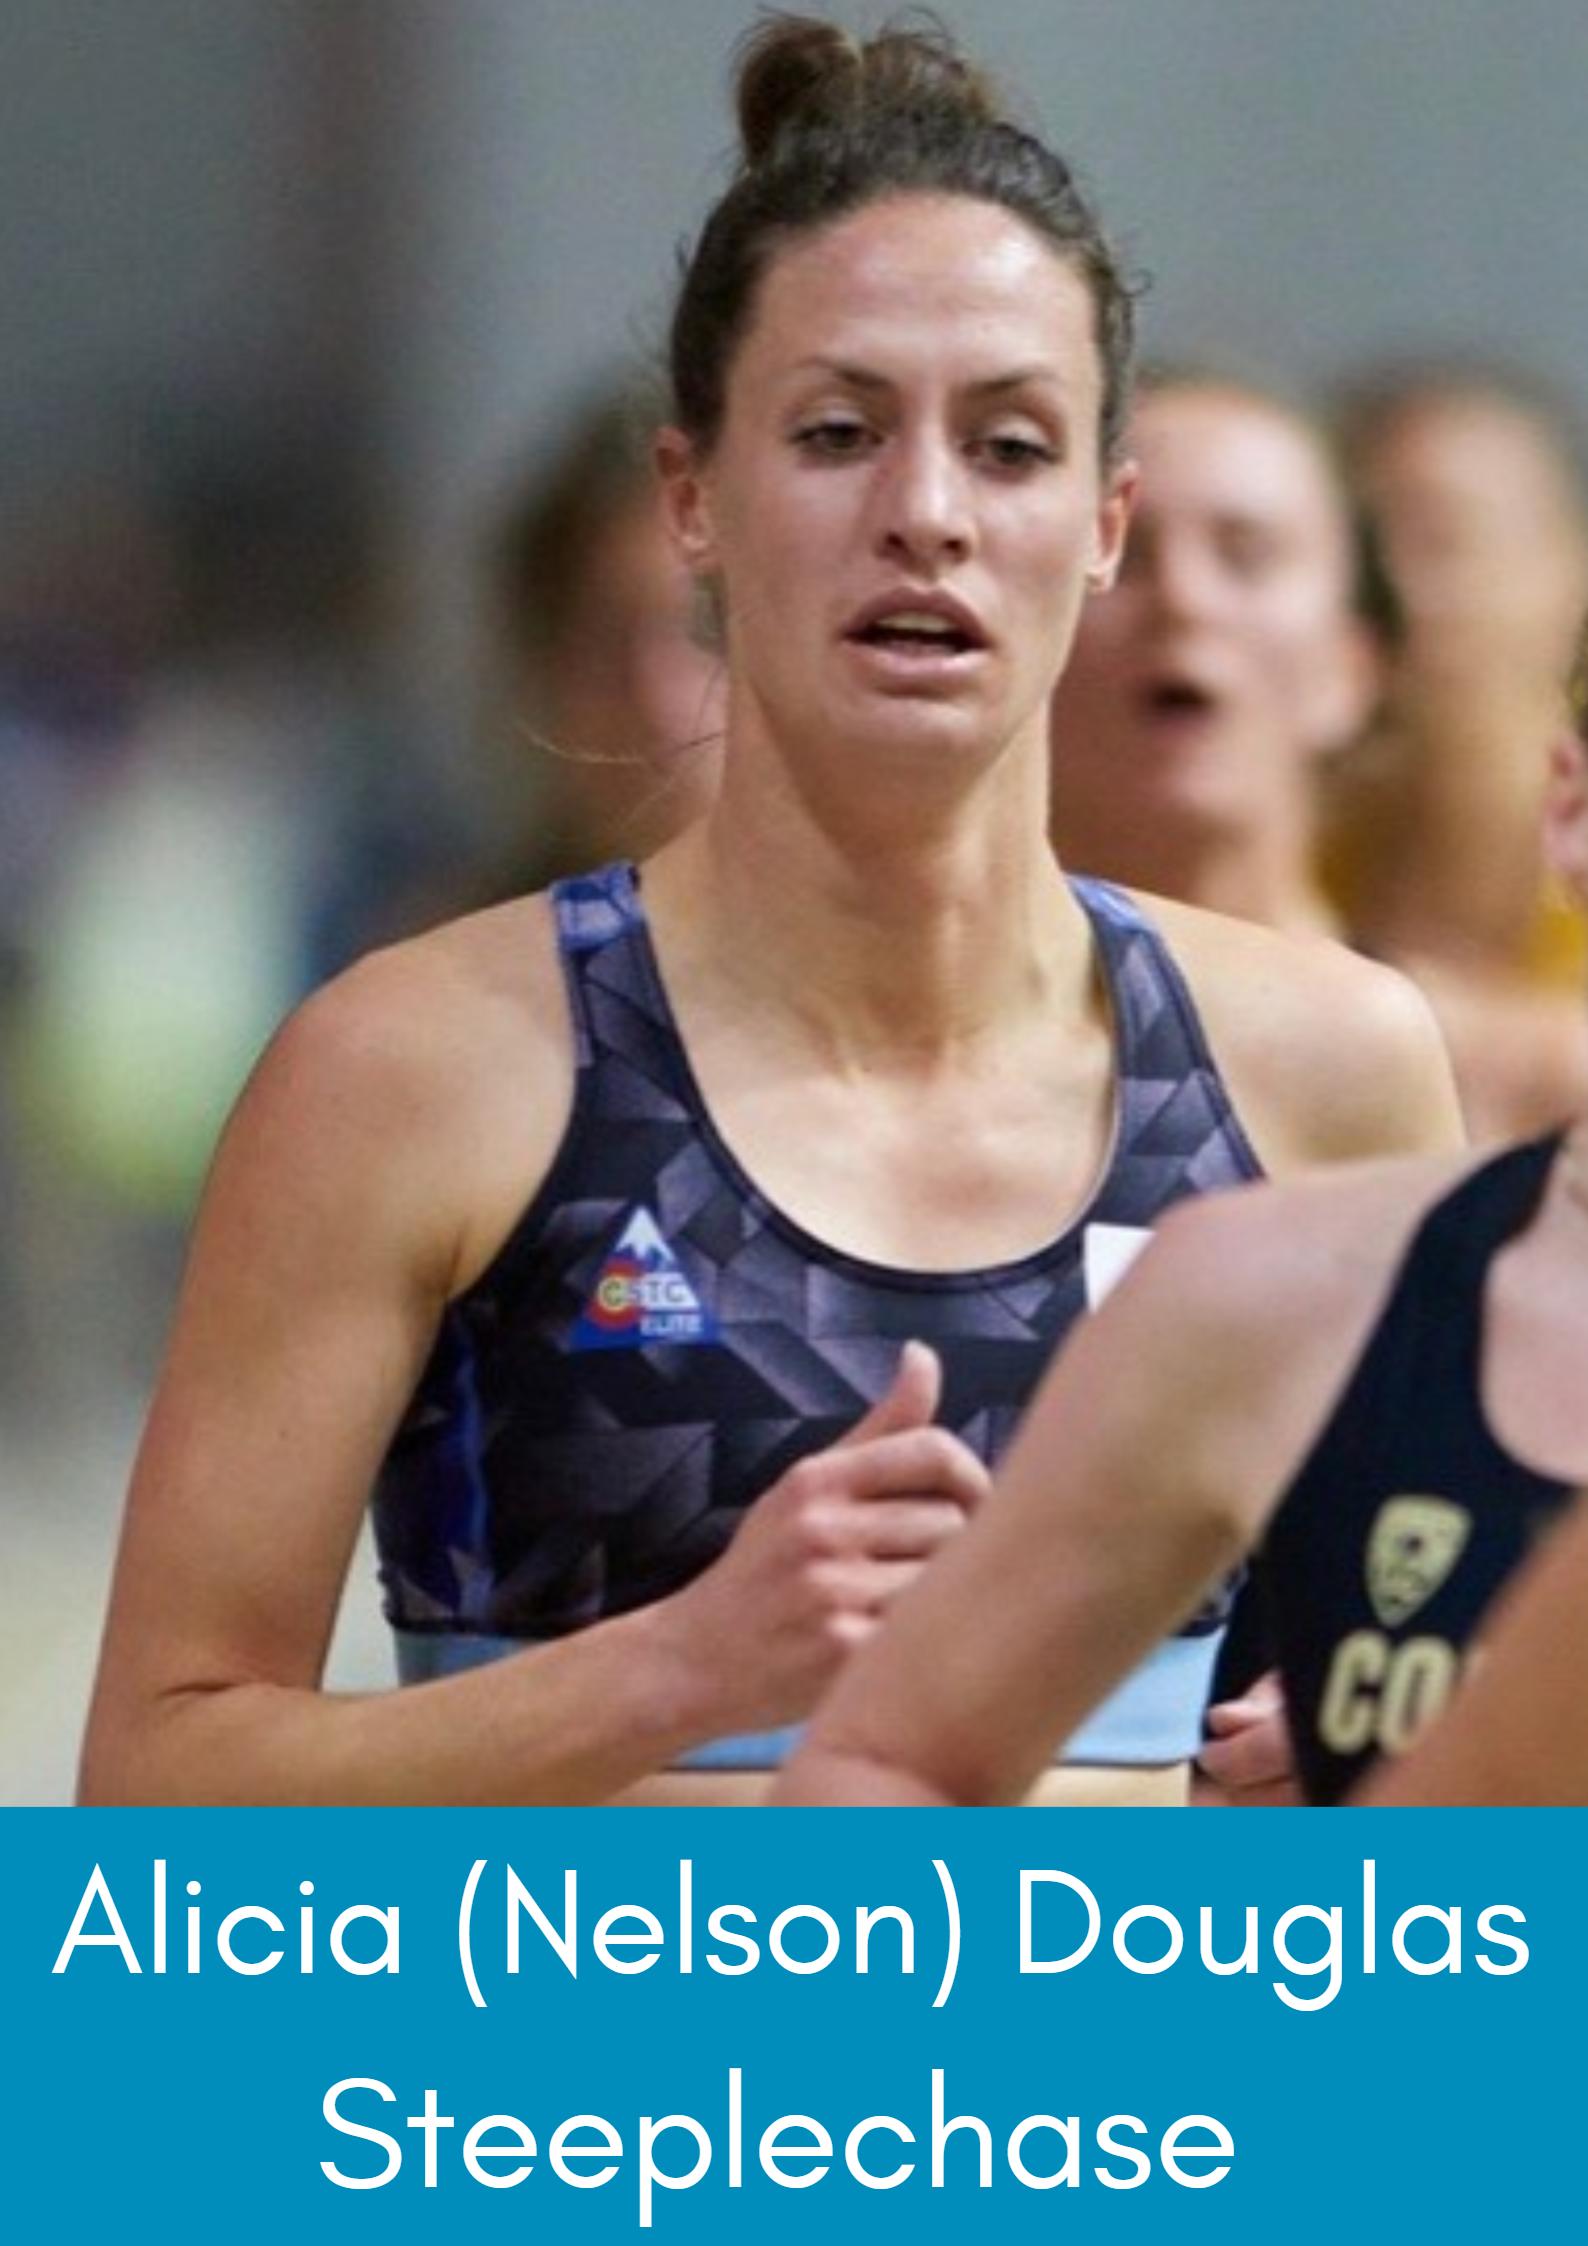 Alicia Nelson-Douglas